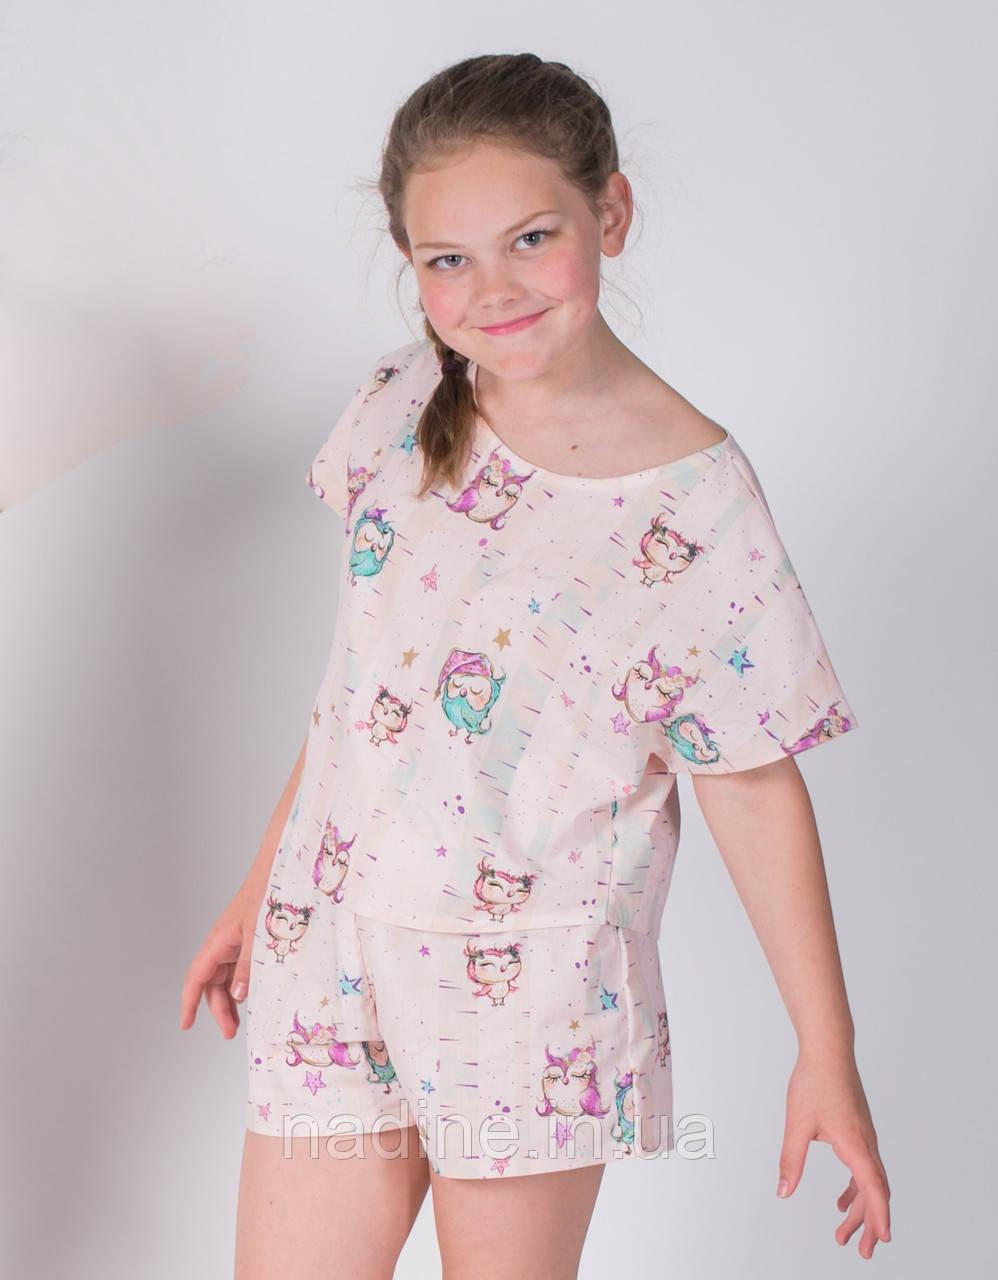 Пижама для девочки Eirena Nadine (783-64) 164/42,  персиковый